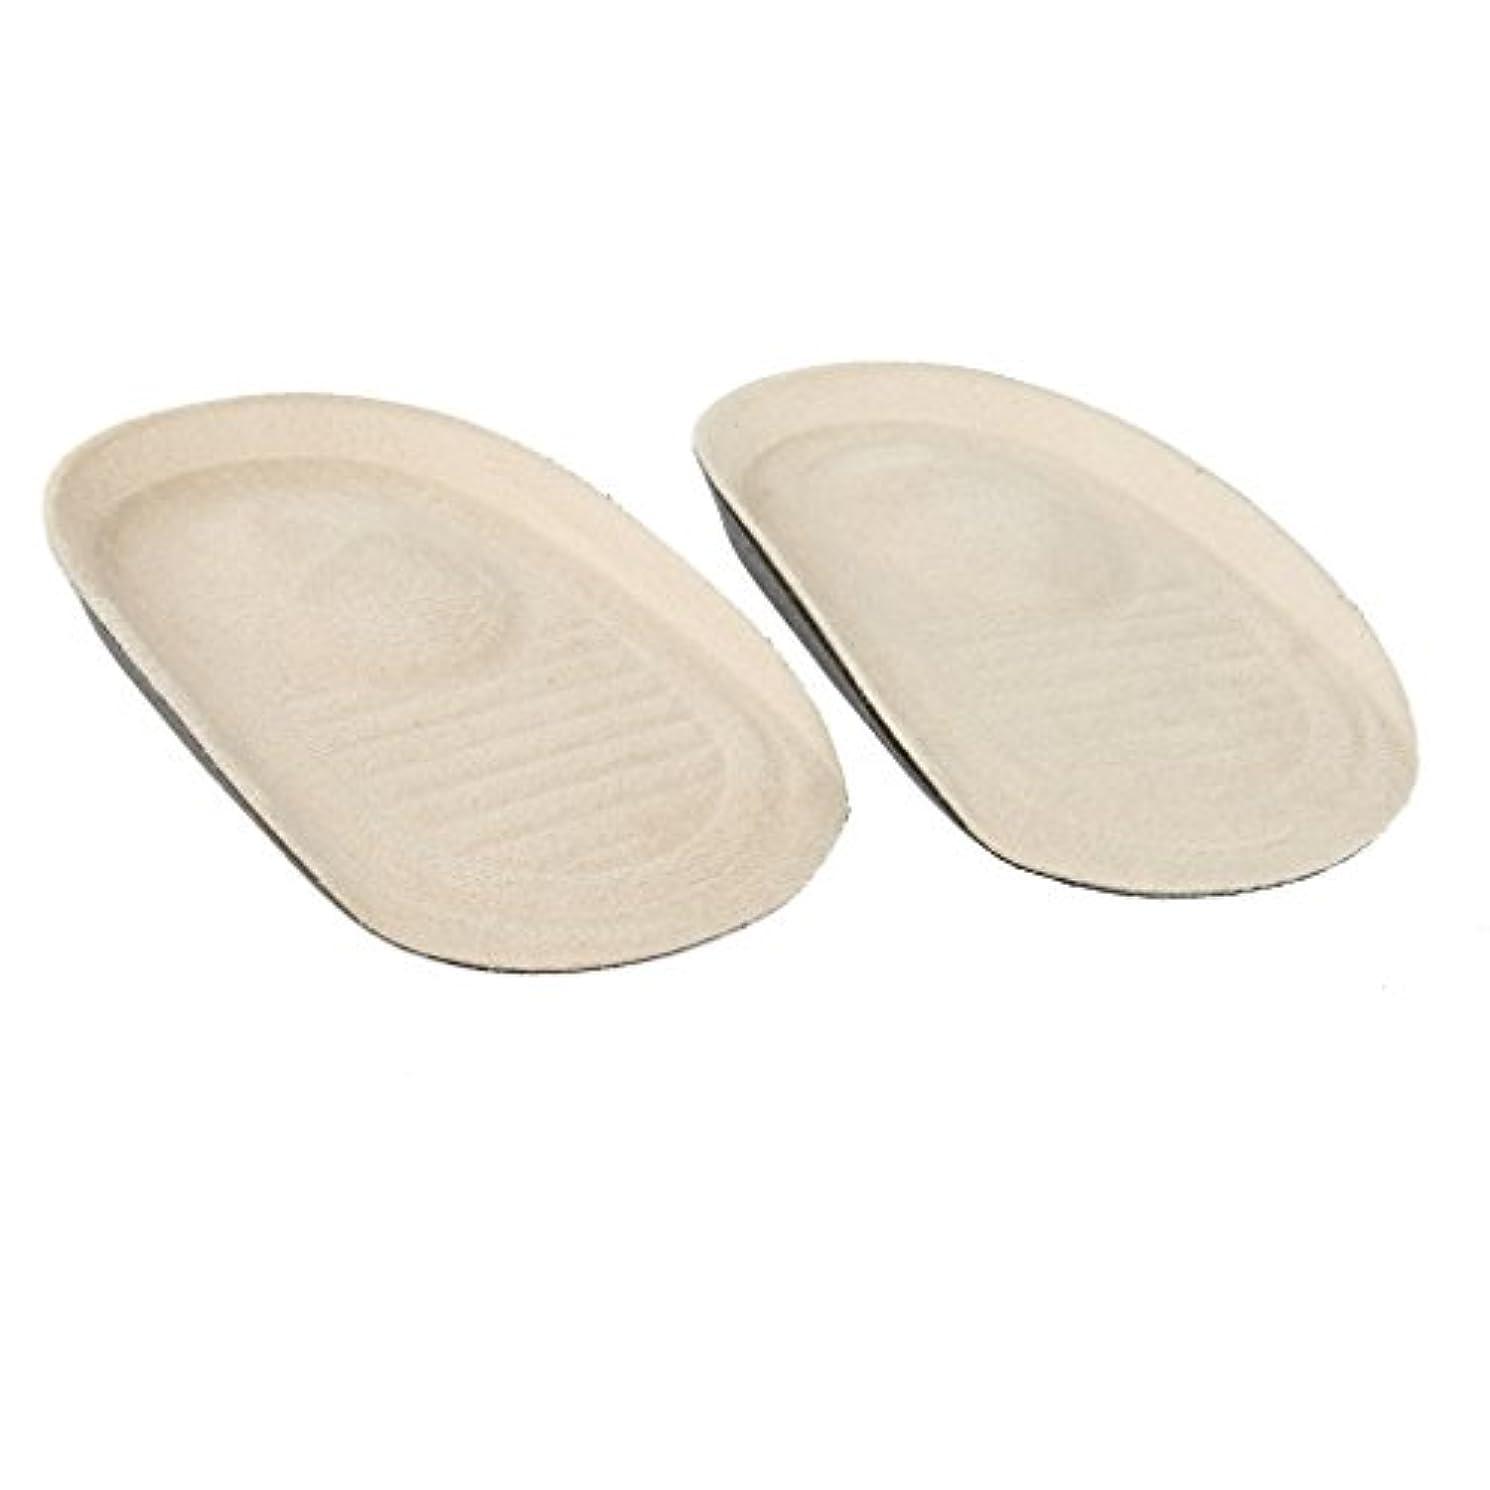 周りお客様熟達アンチスリップヒールクッションは、インソールブーツ?靴インサートパッドスポンジ